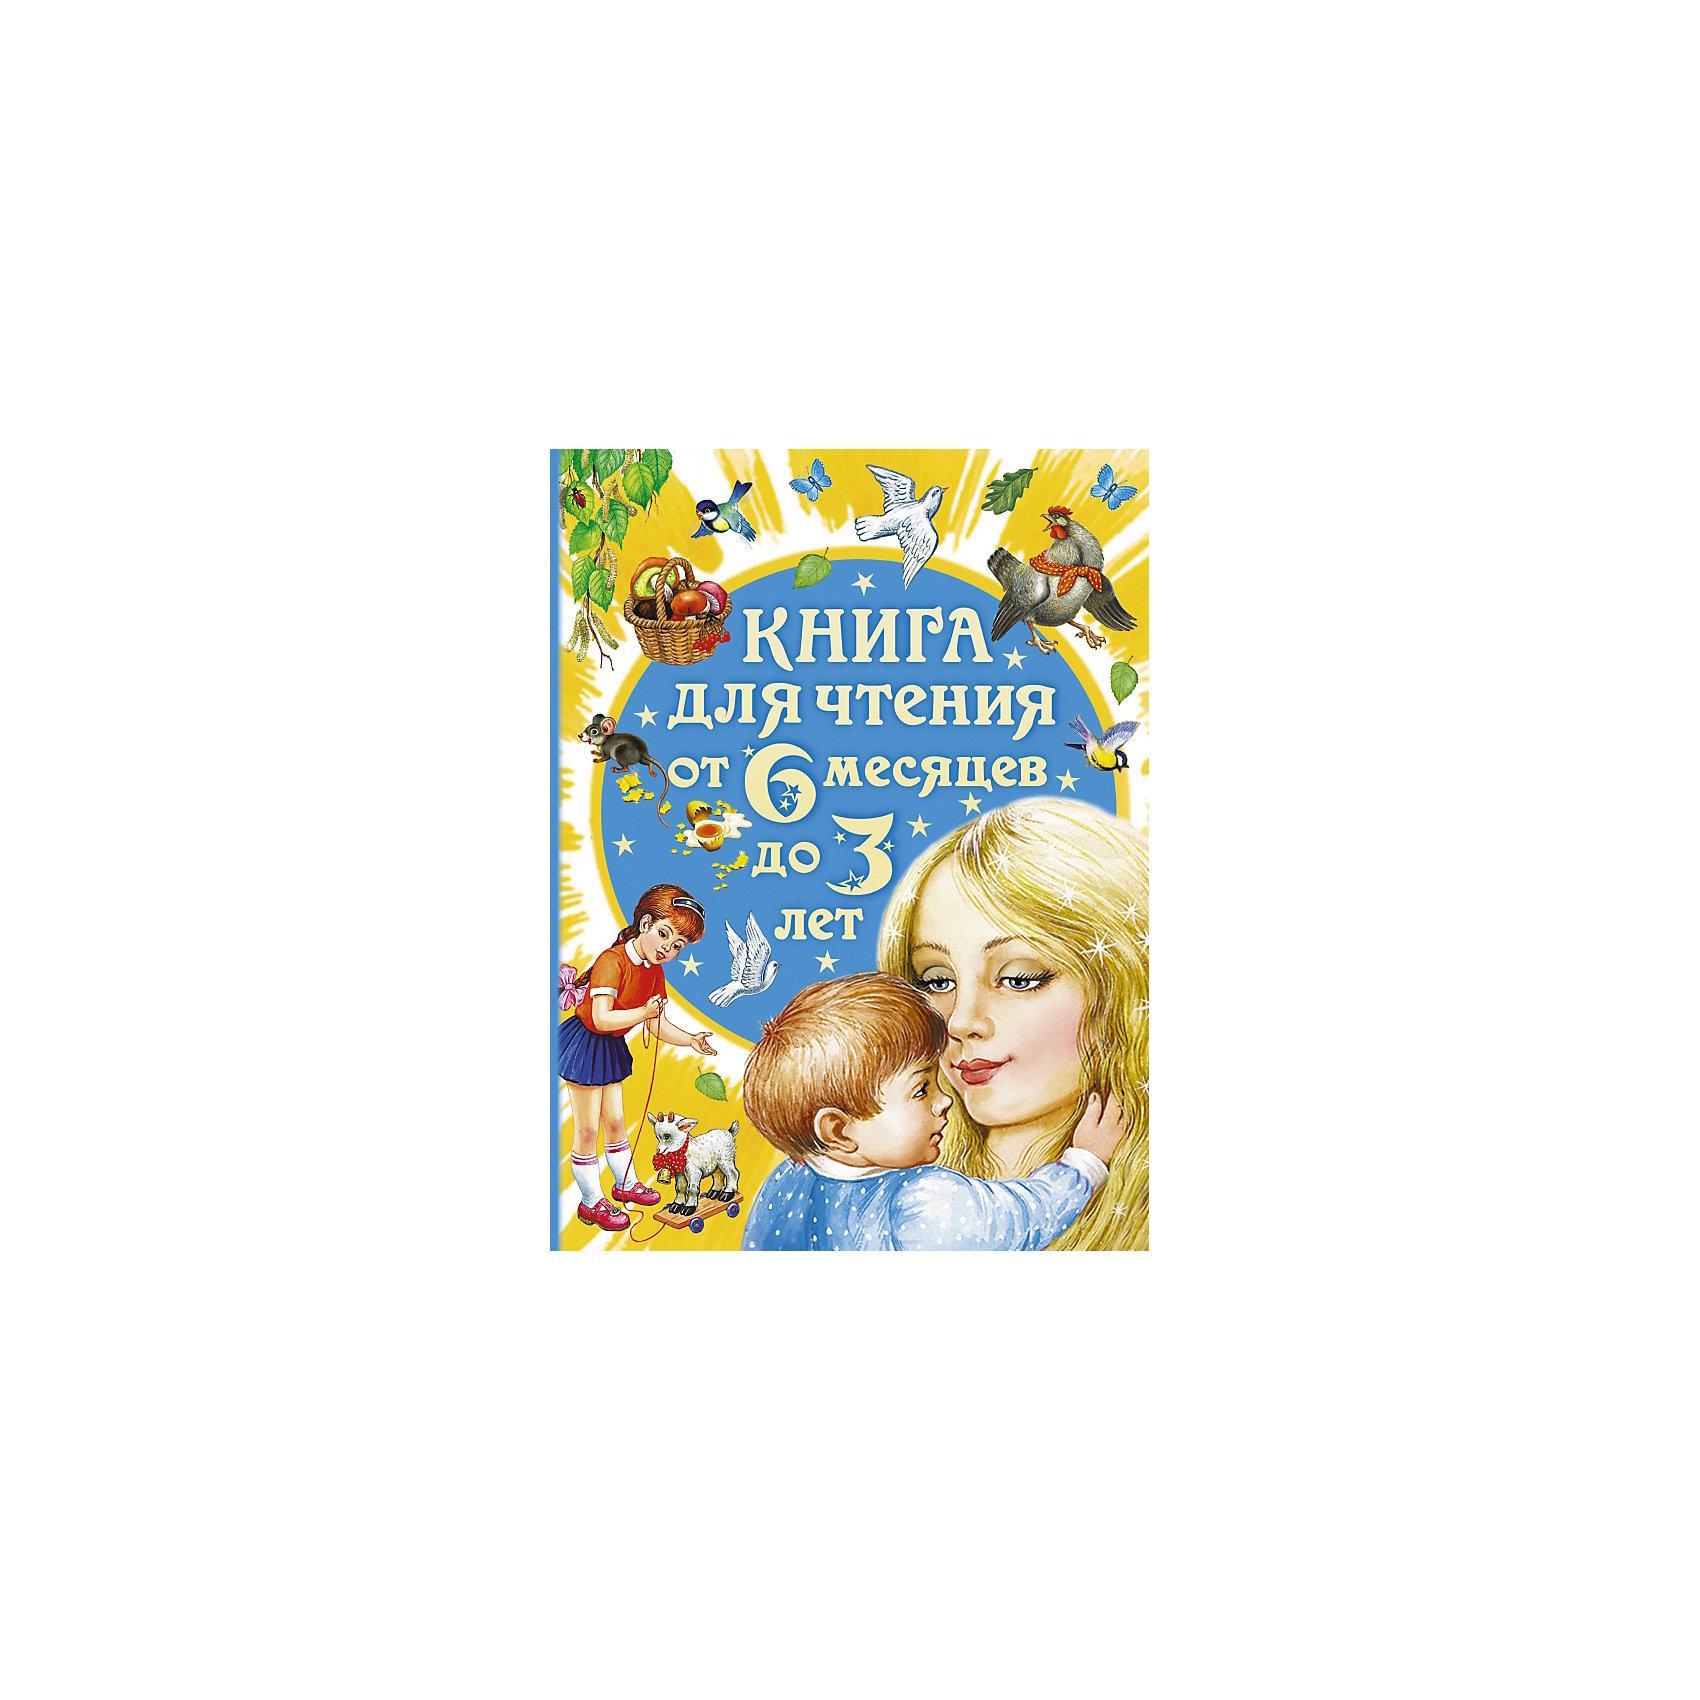 Книга для чтения детям от 6 месяцев до 3 летРусские сказки<br>Русские народные песенки и сказки, стихи Агнии Барто, Екатерины Серовой, Бориса Заходера, Валентина Берестова - в этой книге собрано все, что полезно прочитать детям от 6 месяцев до 3 лет.<br><br>Ширина мм: 155<br>Глубина мм: 140<br>Высота мм: 140<br>Вес г: 3<br>Возраст от месяцев: 6<br>Возраст до месяцев: 36<br>Пол: Унисекс<br>Возраст: Детский<br>SKU: 6848301